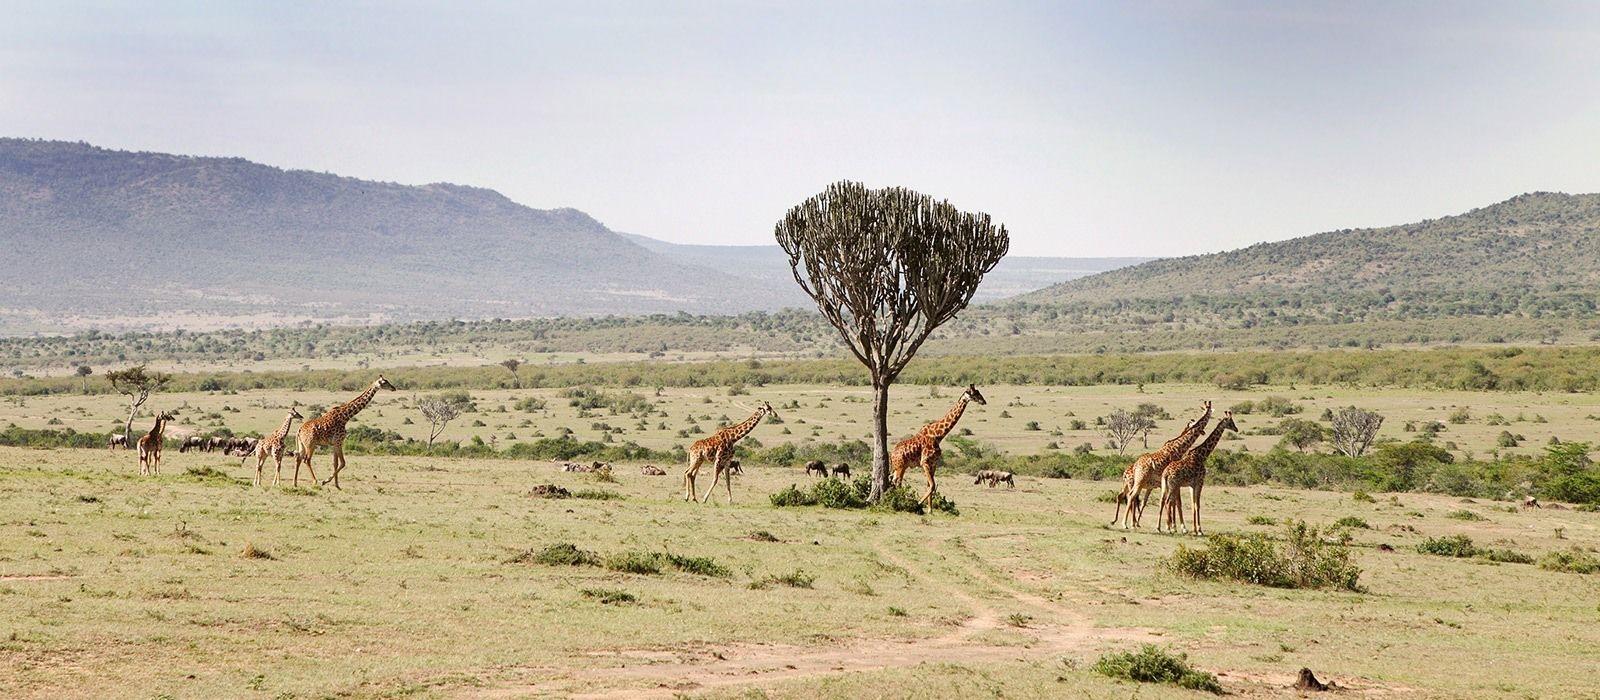 Reiseziel West Kilimanjaro Wildschutzgebiet Tansania